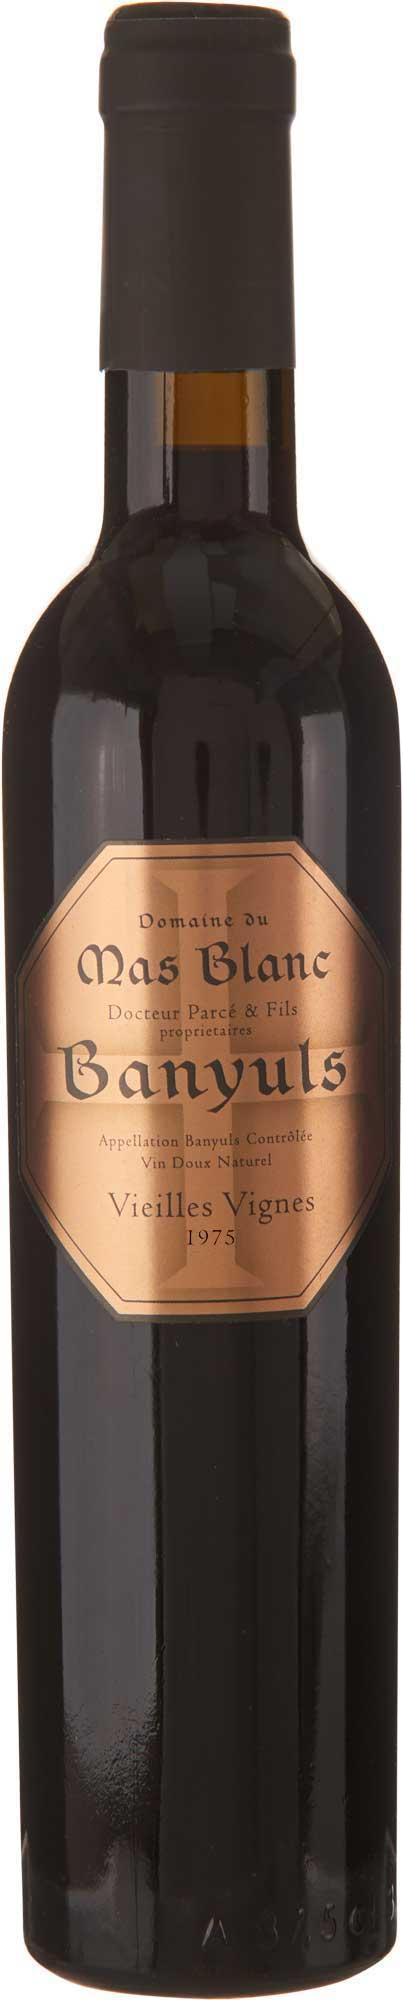 """Domaine du Mas Blanc Banyuls """"Vieilles Vignes"""" 1975"""